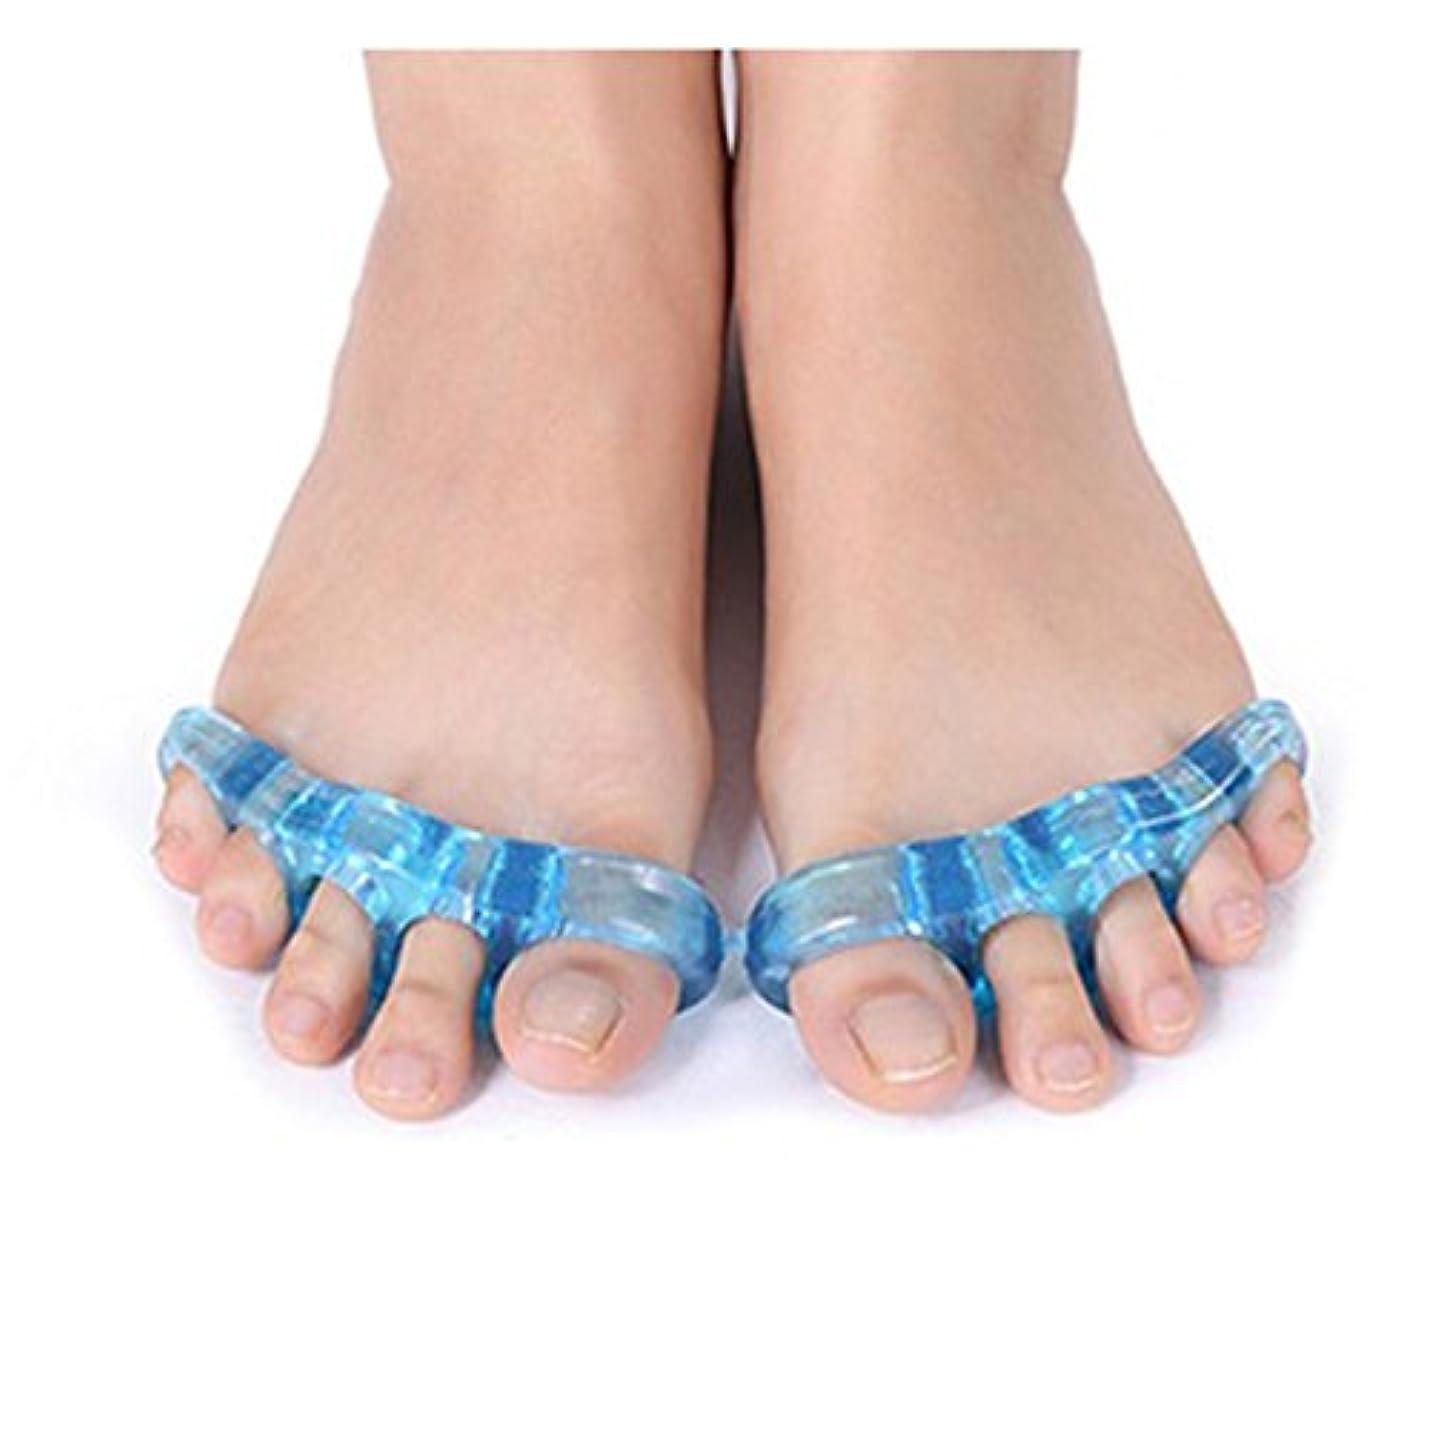 硫黄定説告白する足指ストレッチパッド 広げる 足ゆび 5本指 両足セット 足指矯正 外反母趾 つま先 (中(約11cm))